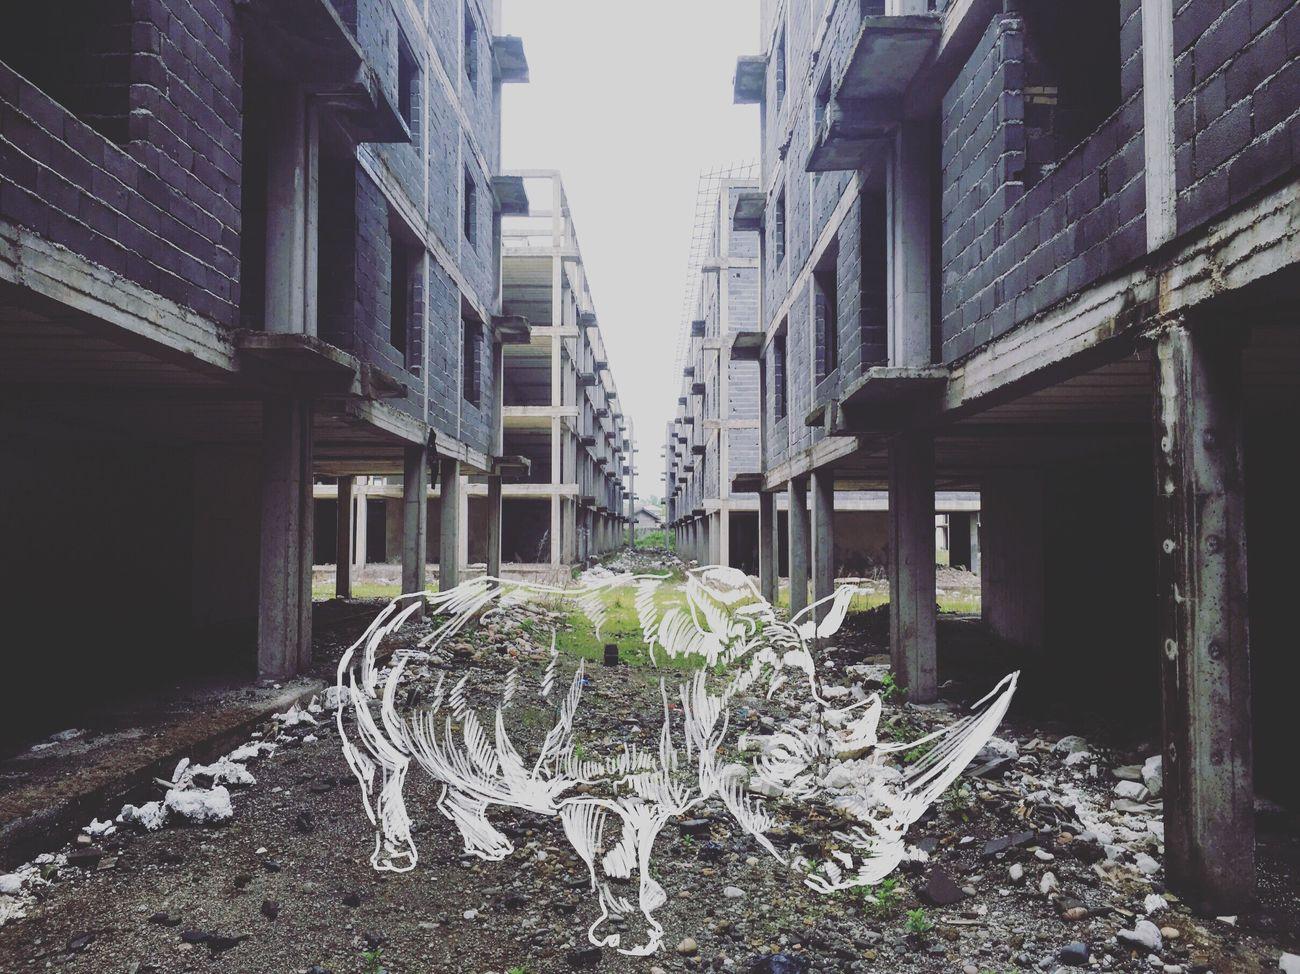 Digital Art Digital Painting Rhino Sketch Sketchbook Painting